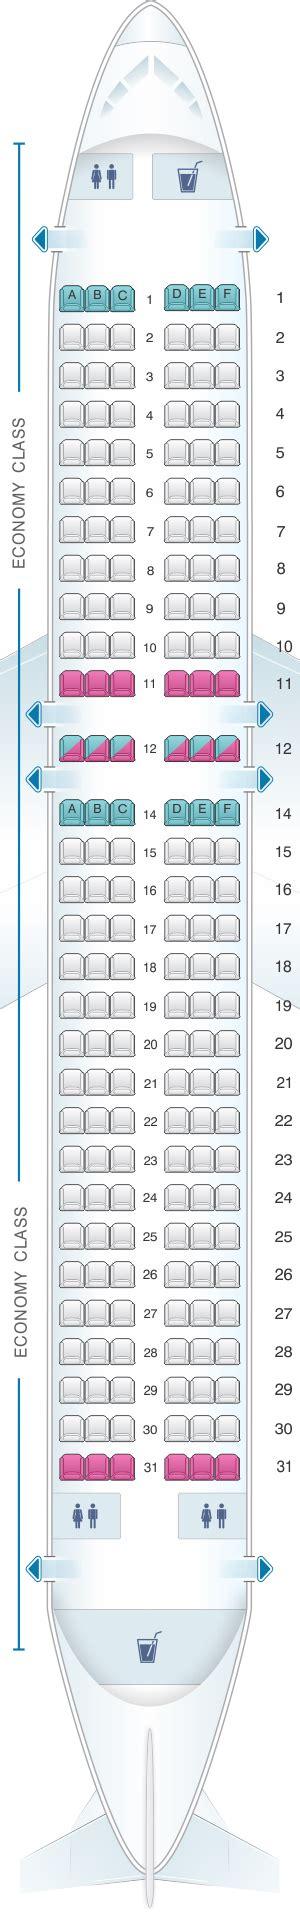 plan de cabine vueling airbus a320 seatmaestro fr